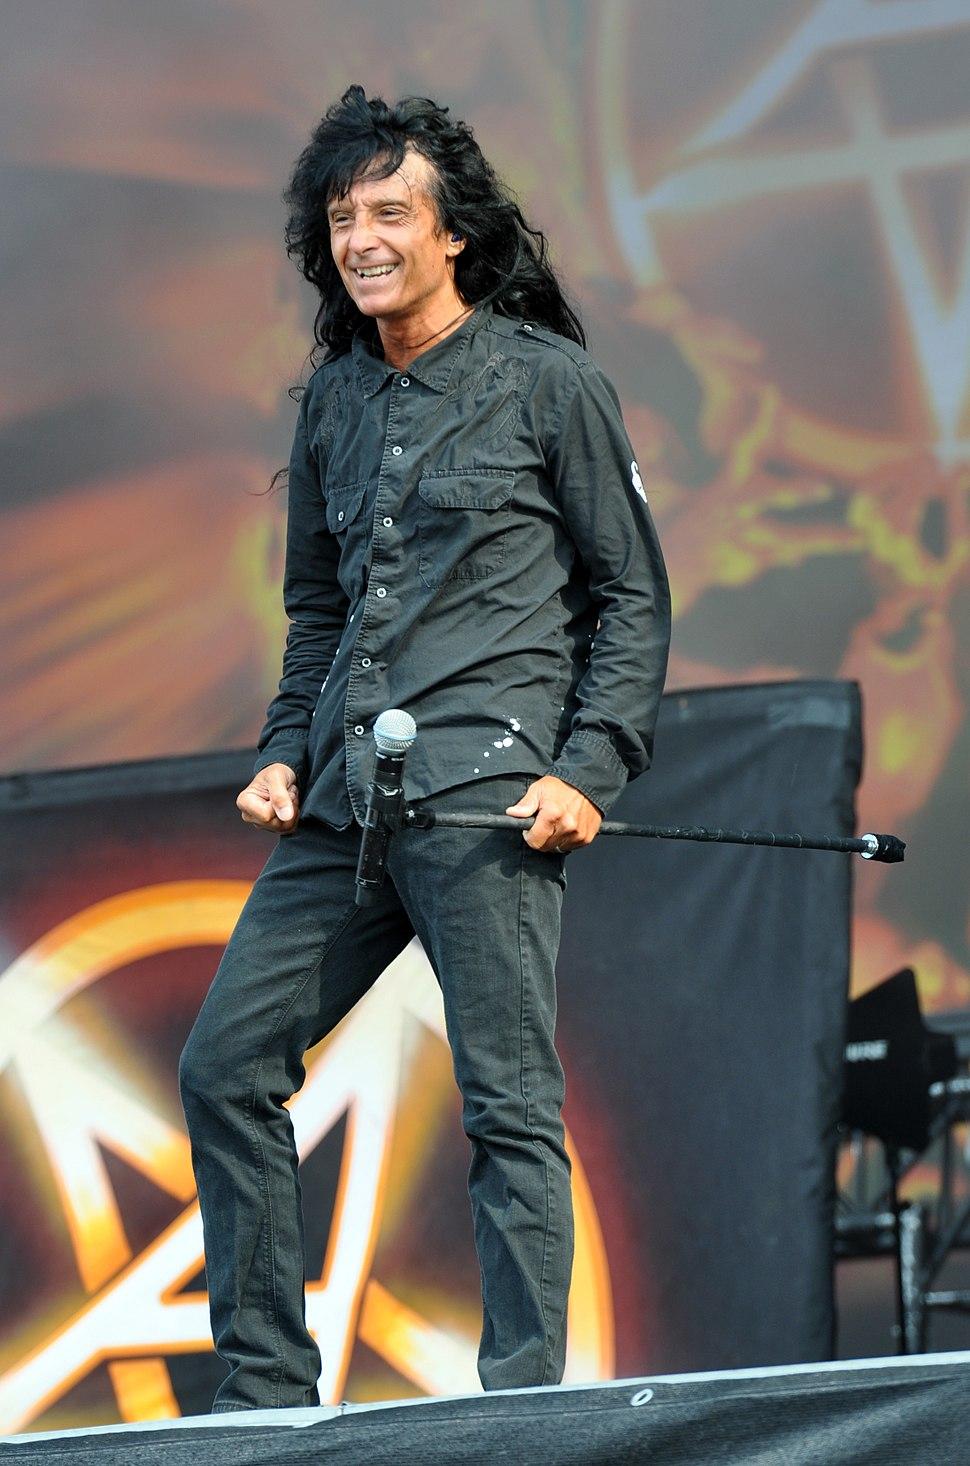 Anthrax, Joey Belladonna at Wacken Open Air 2013